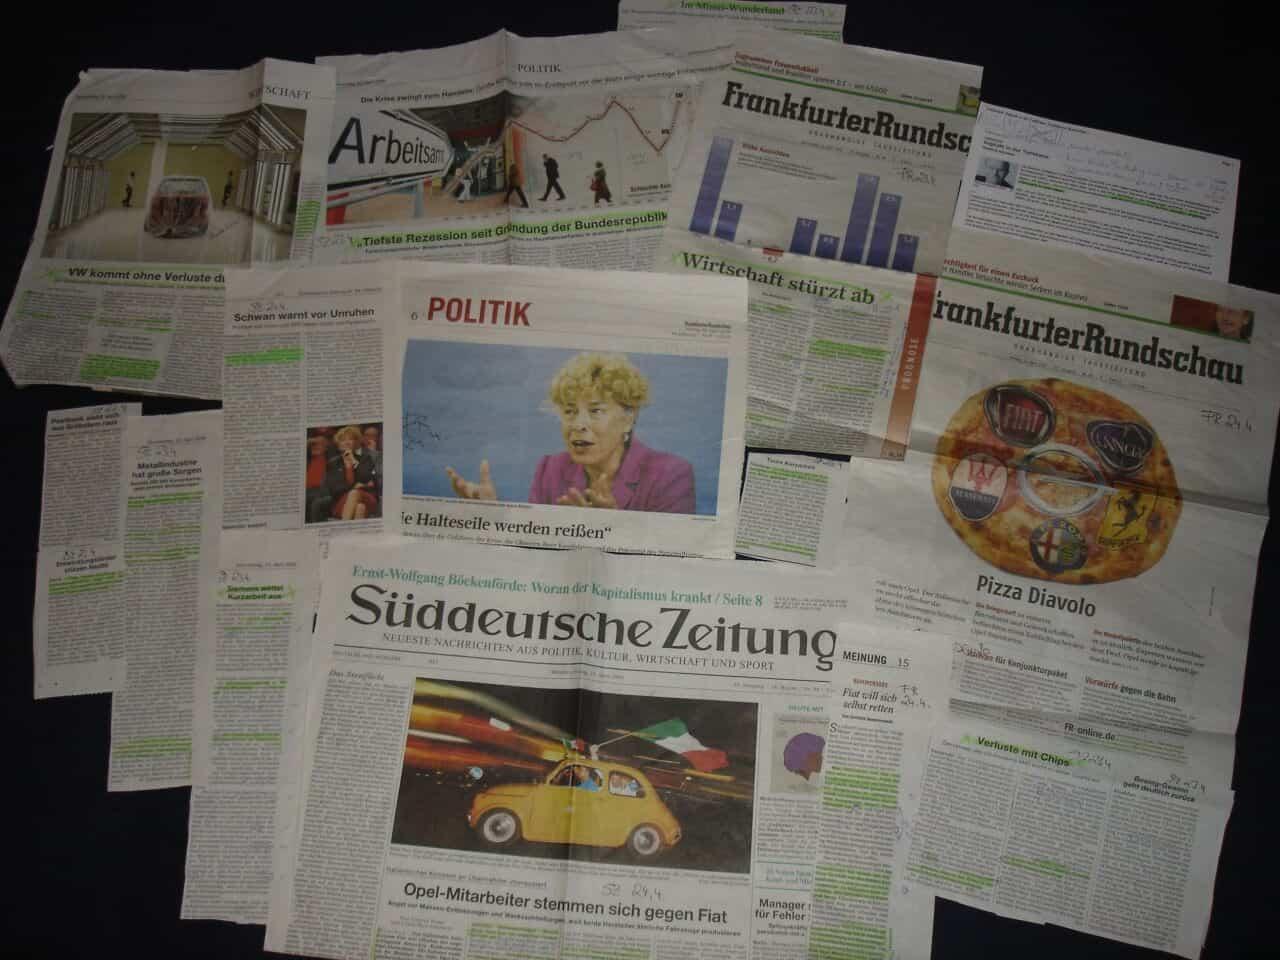 Zeitungen im Vergleich